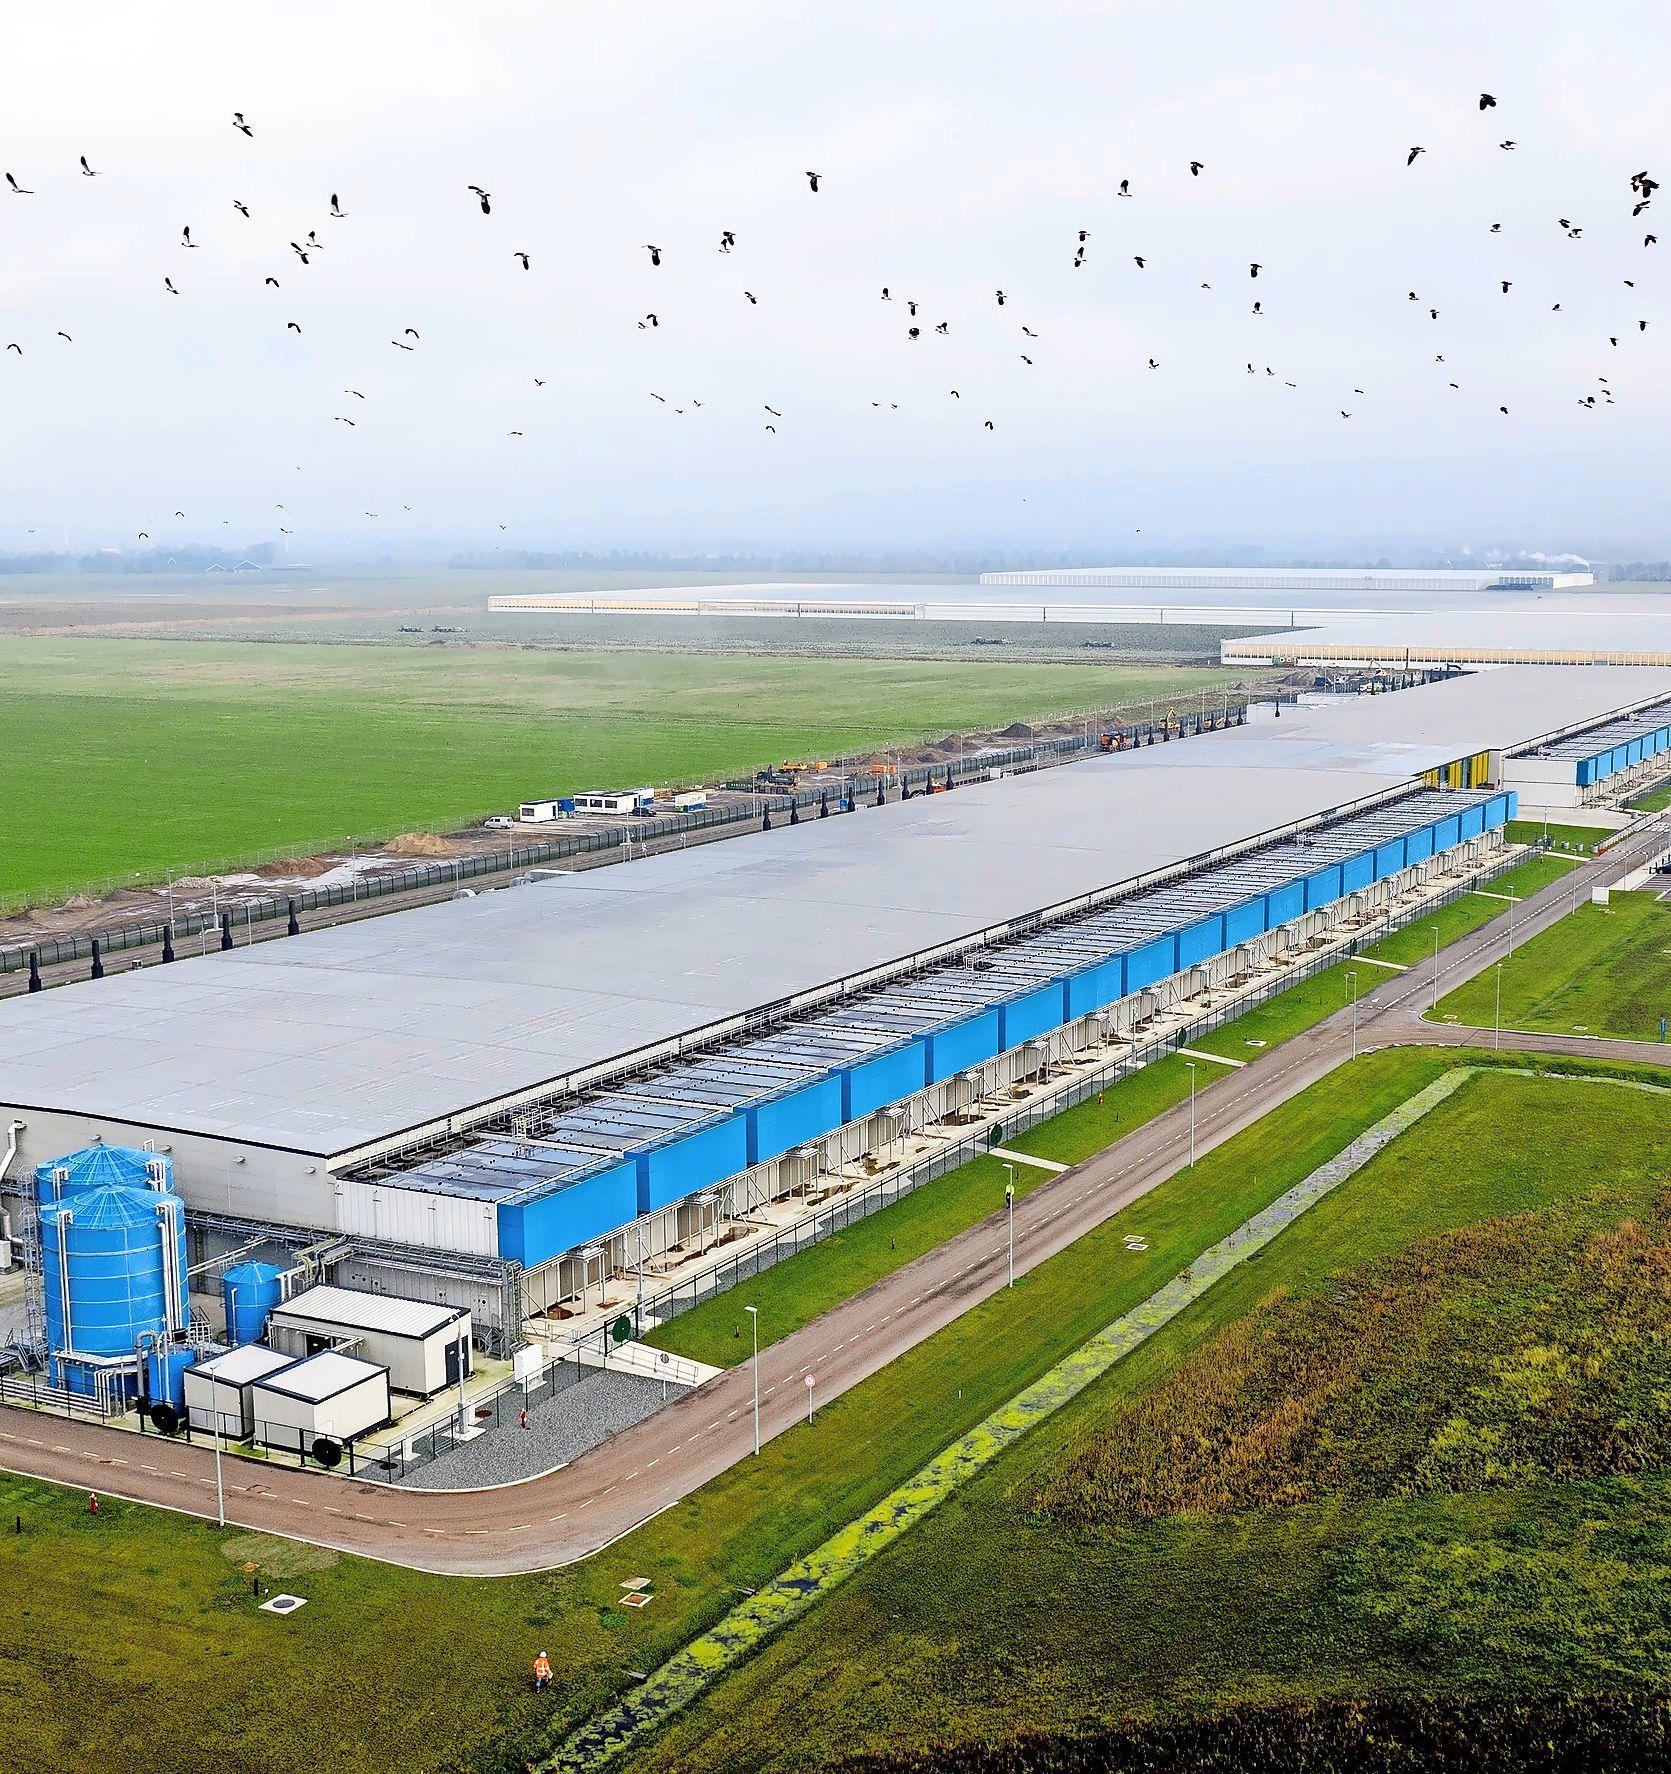 'Blij dat Google nog met datacenters wegblijft uit het open buitengebied van de Wieringermeer'